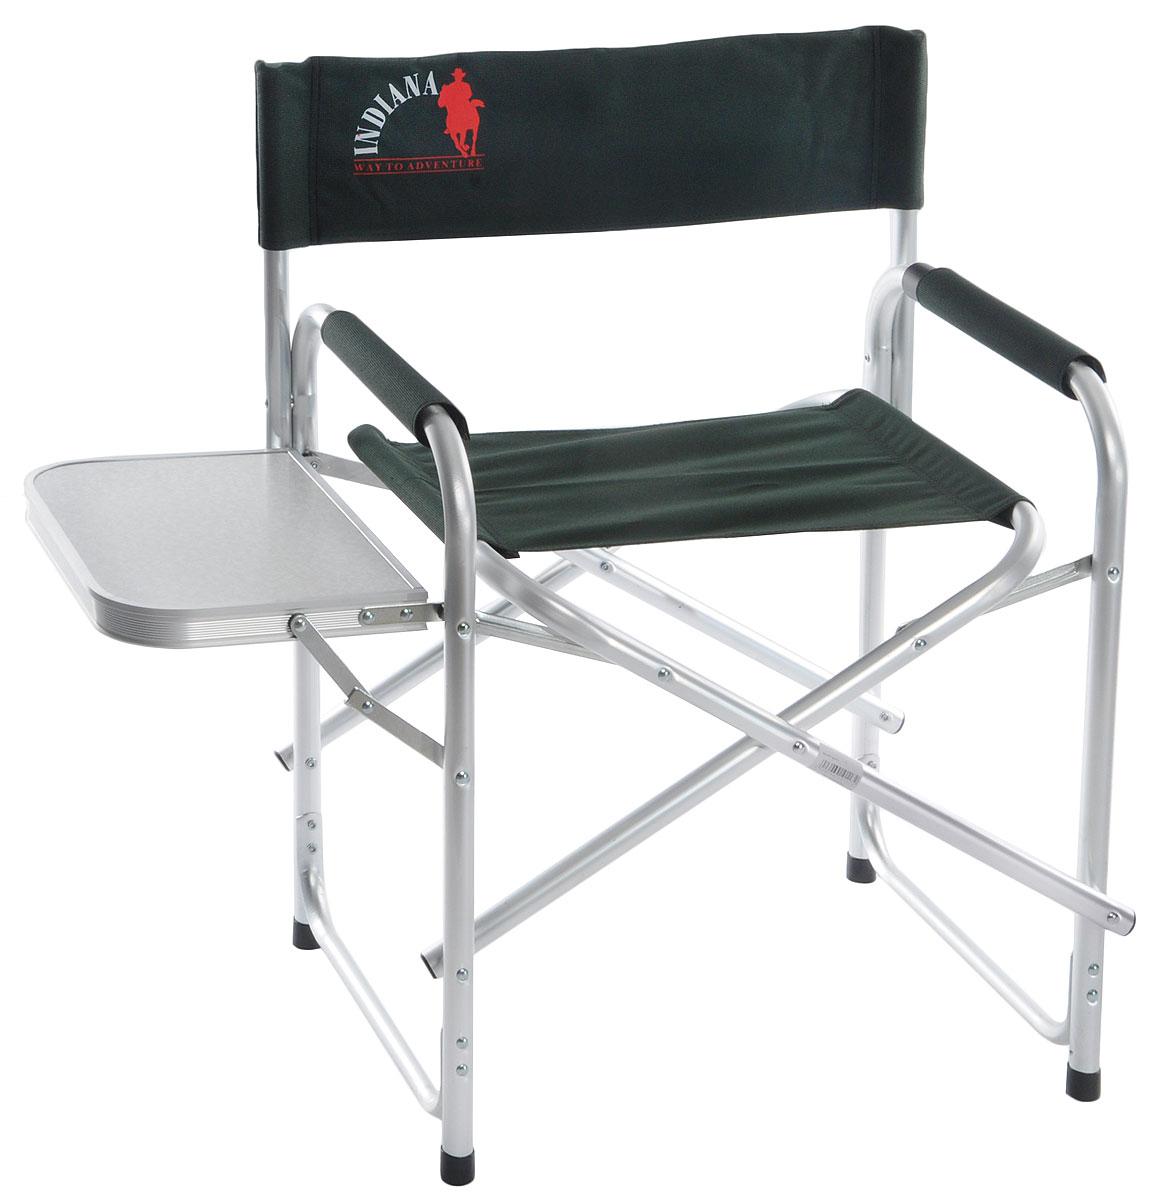 """Складное кресло Indiana """"INDI-025T"""" - идеальный вариант для дачников и рыболовов, прекрасно подходит для кемпинга, пикников и отдыха на природе.  Каркас кресла выполнен из алюминиевой трубы. Тканевые элементы кресла изготовлены из стойкого к ультрафиолетовому излучению материала - плотного полиэстера 600D. Мягкие профилированные подлокотники оснащены защитным чехлом. Сбоку имеется откидной столик.  Конструкция ножек с поперечной трубой придает дополнительную устойчивость креслу, препятствует его проваливанию в песок или рыхлую землю.  Кресло легко складывается и раскладывается. В сложенном состоянии занимает минимум места, что очень удобно при хранении и транспортировке.  Максимальная нагрузка: 120 кг.  Размер кресла (в разобранном виде): 44 см х 62 см х 80 см.  Размер кресла (в собранном виде): 46 см х 79 см х 10 см.  Размер откидного столика: 37 см х 25 см."""